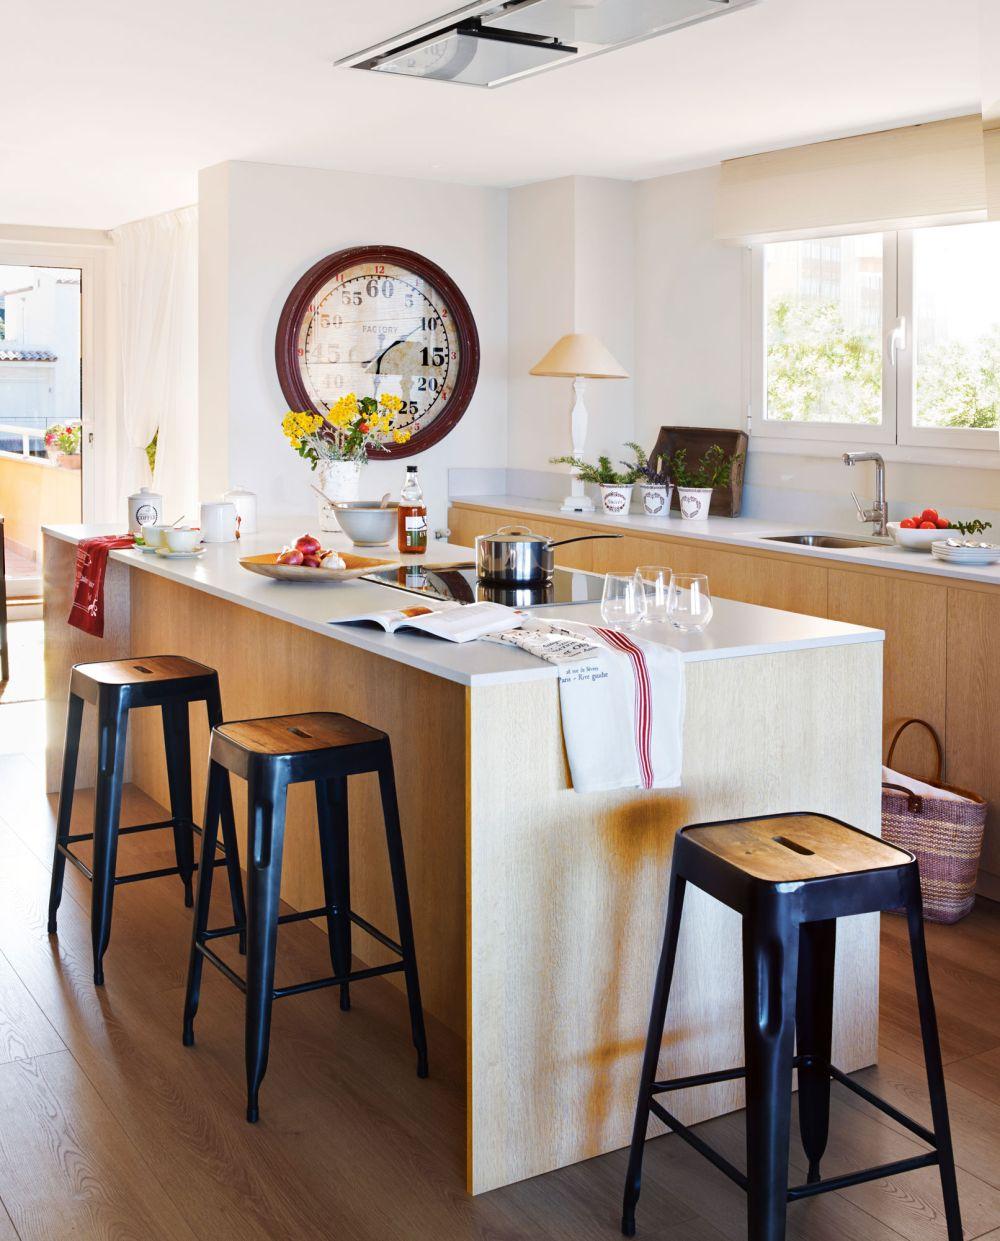 adelaparvu.com despre apartament in stil marin, design interior MM Estudi si Gemma Mateos, Foto ElMueble (14)